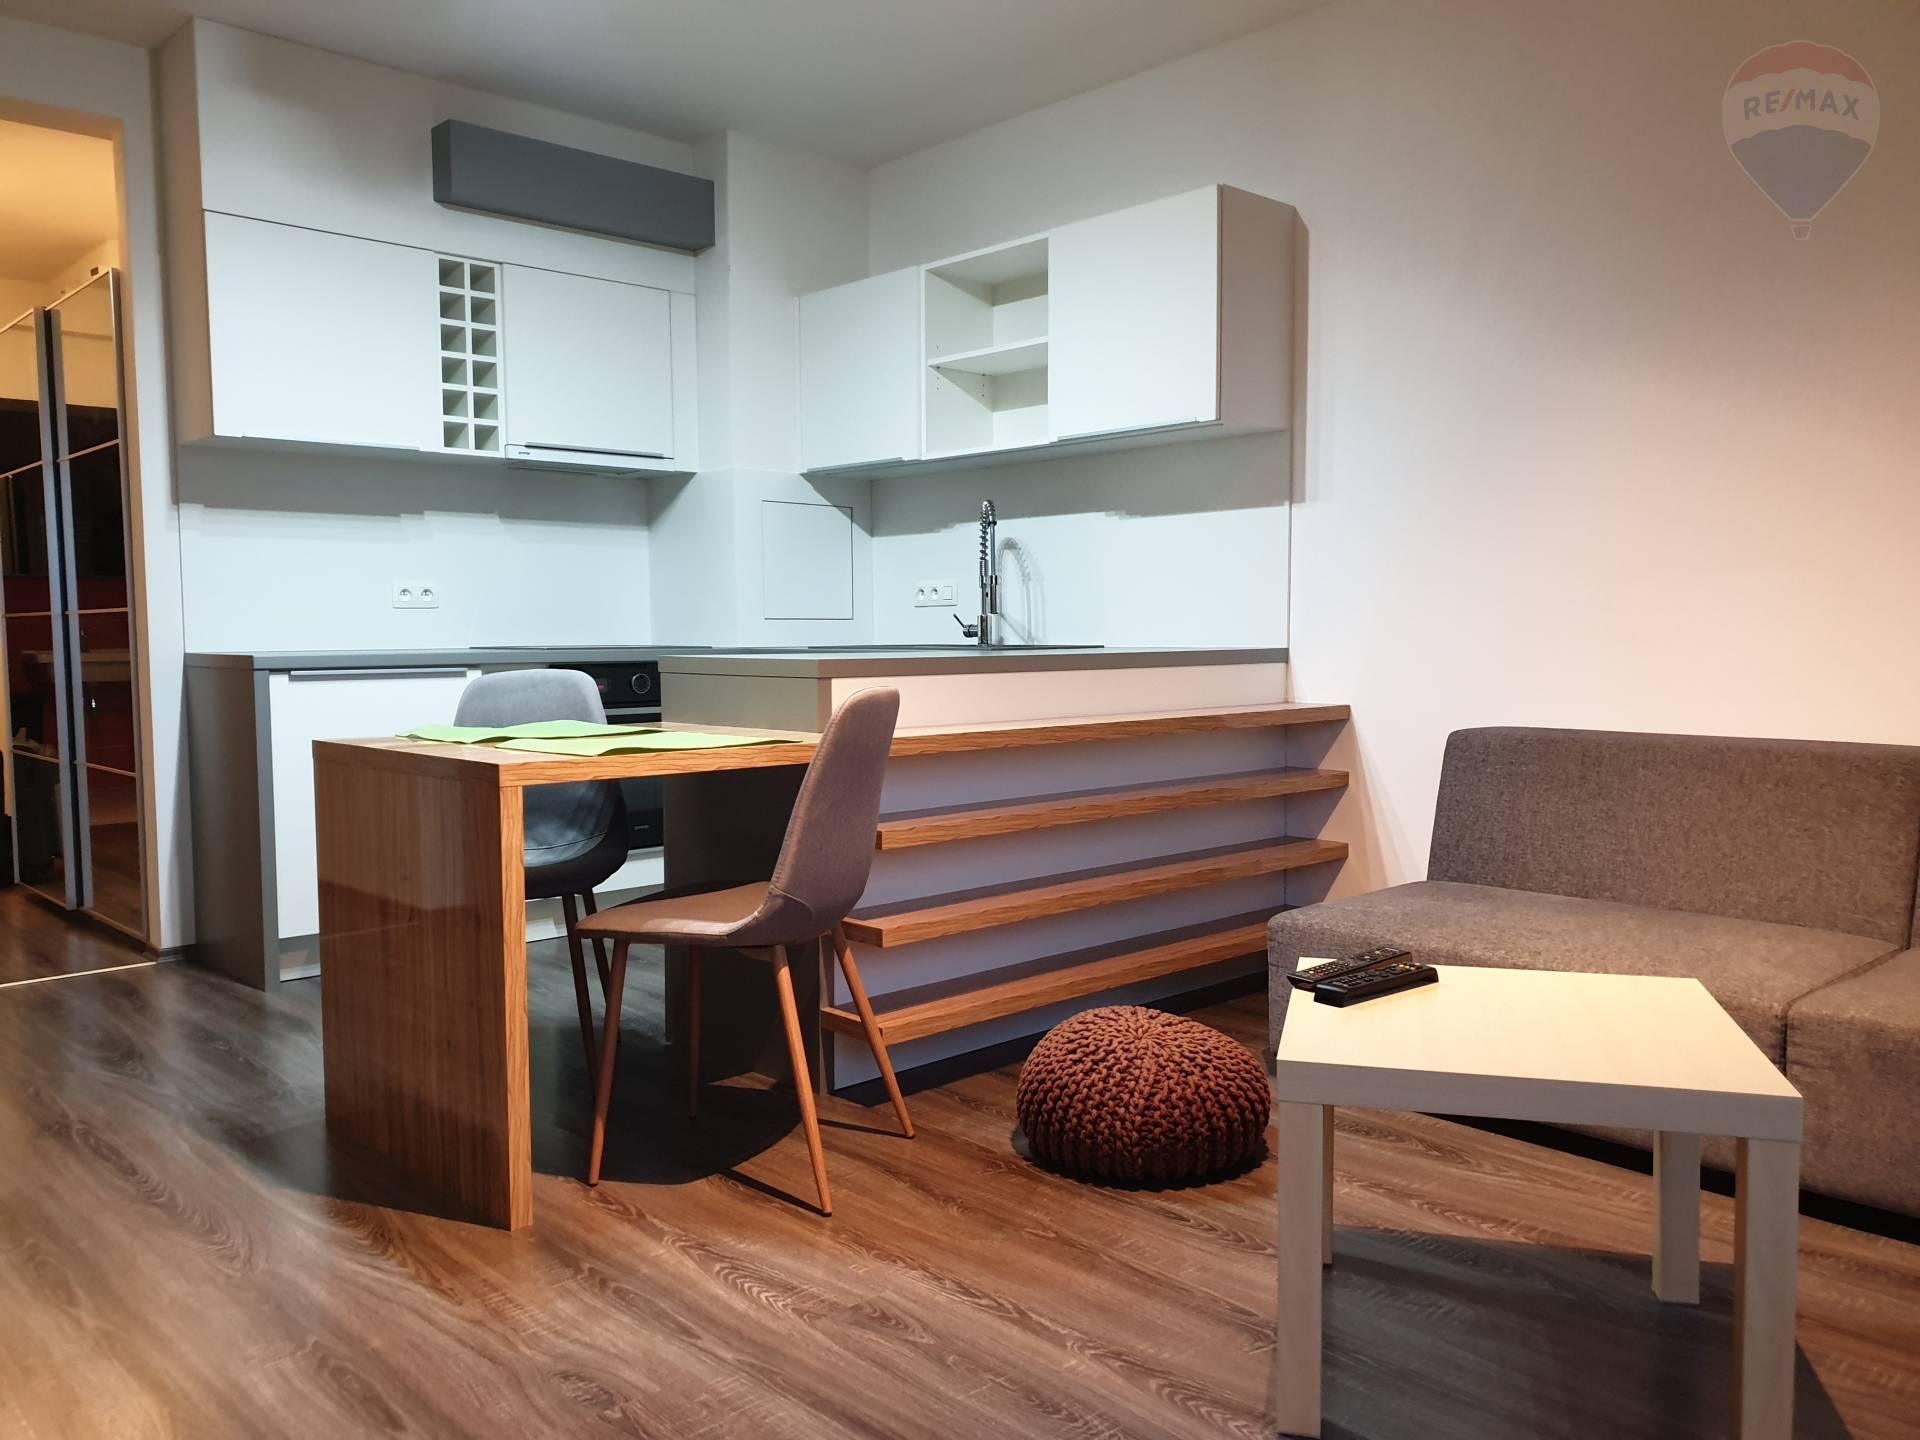 Prenájom 2 izb. bytu v novostavbe na Kadnárovej ulici, s parkovacím miestom